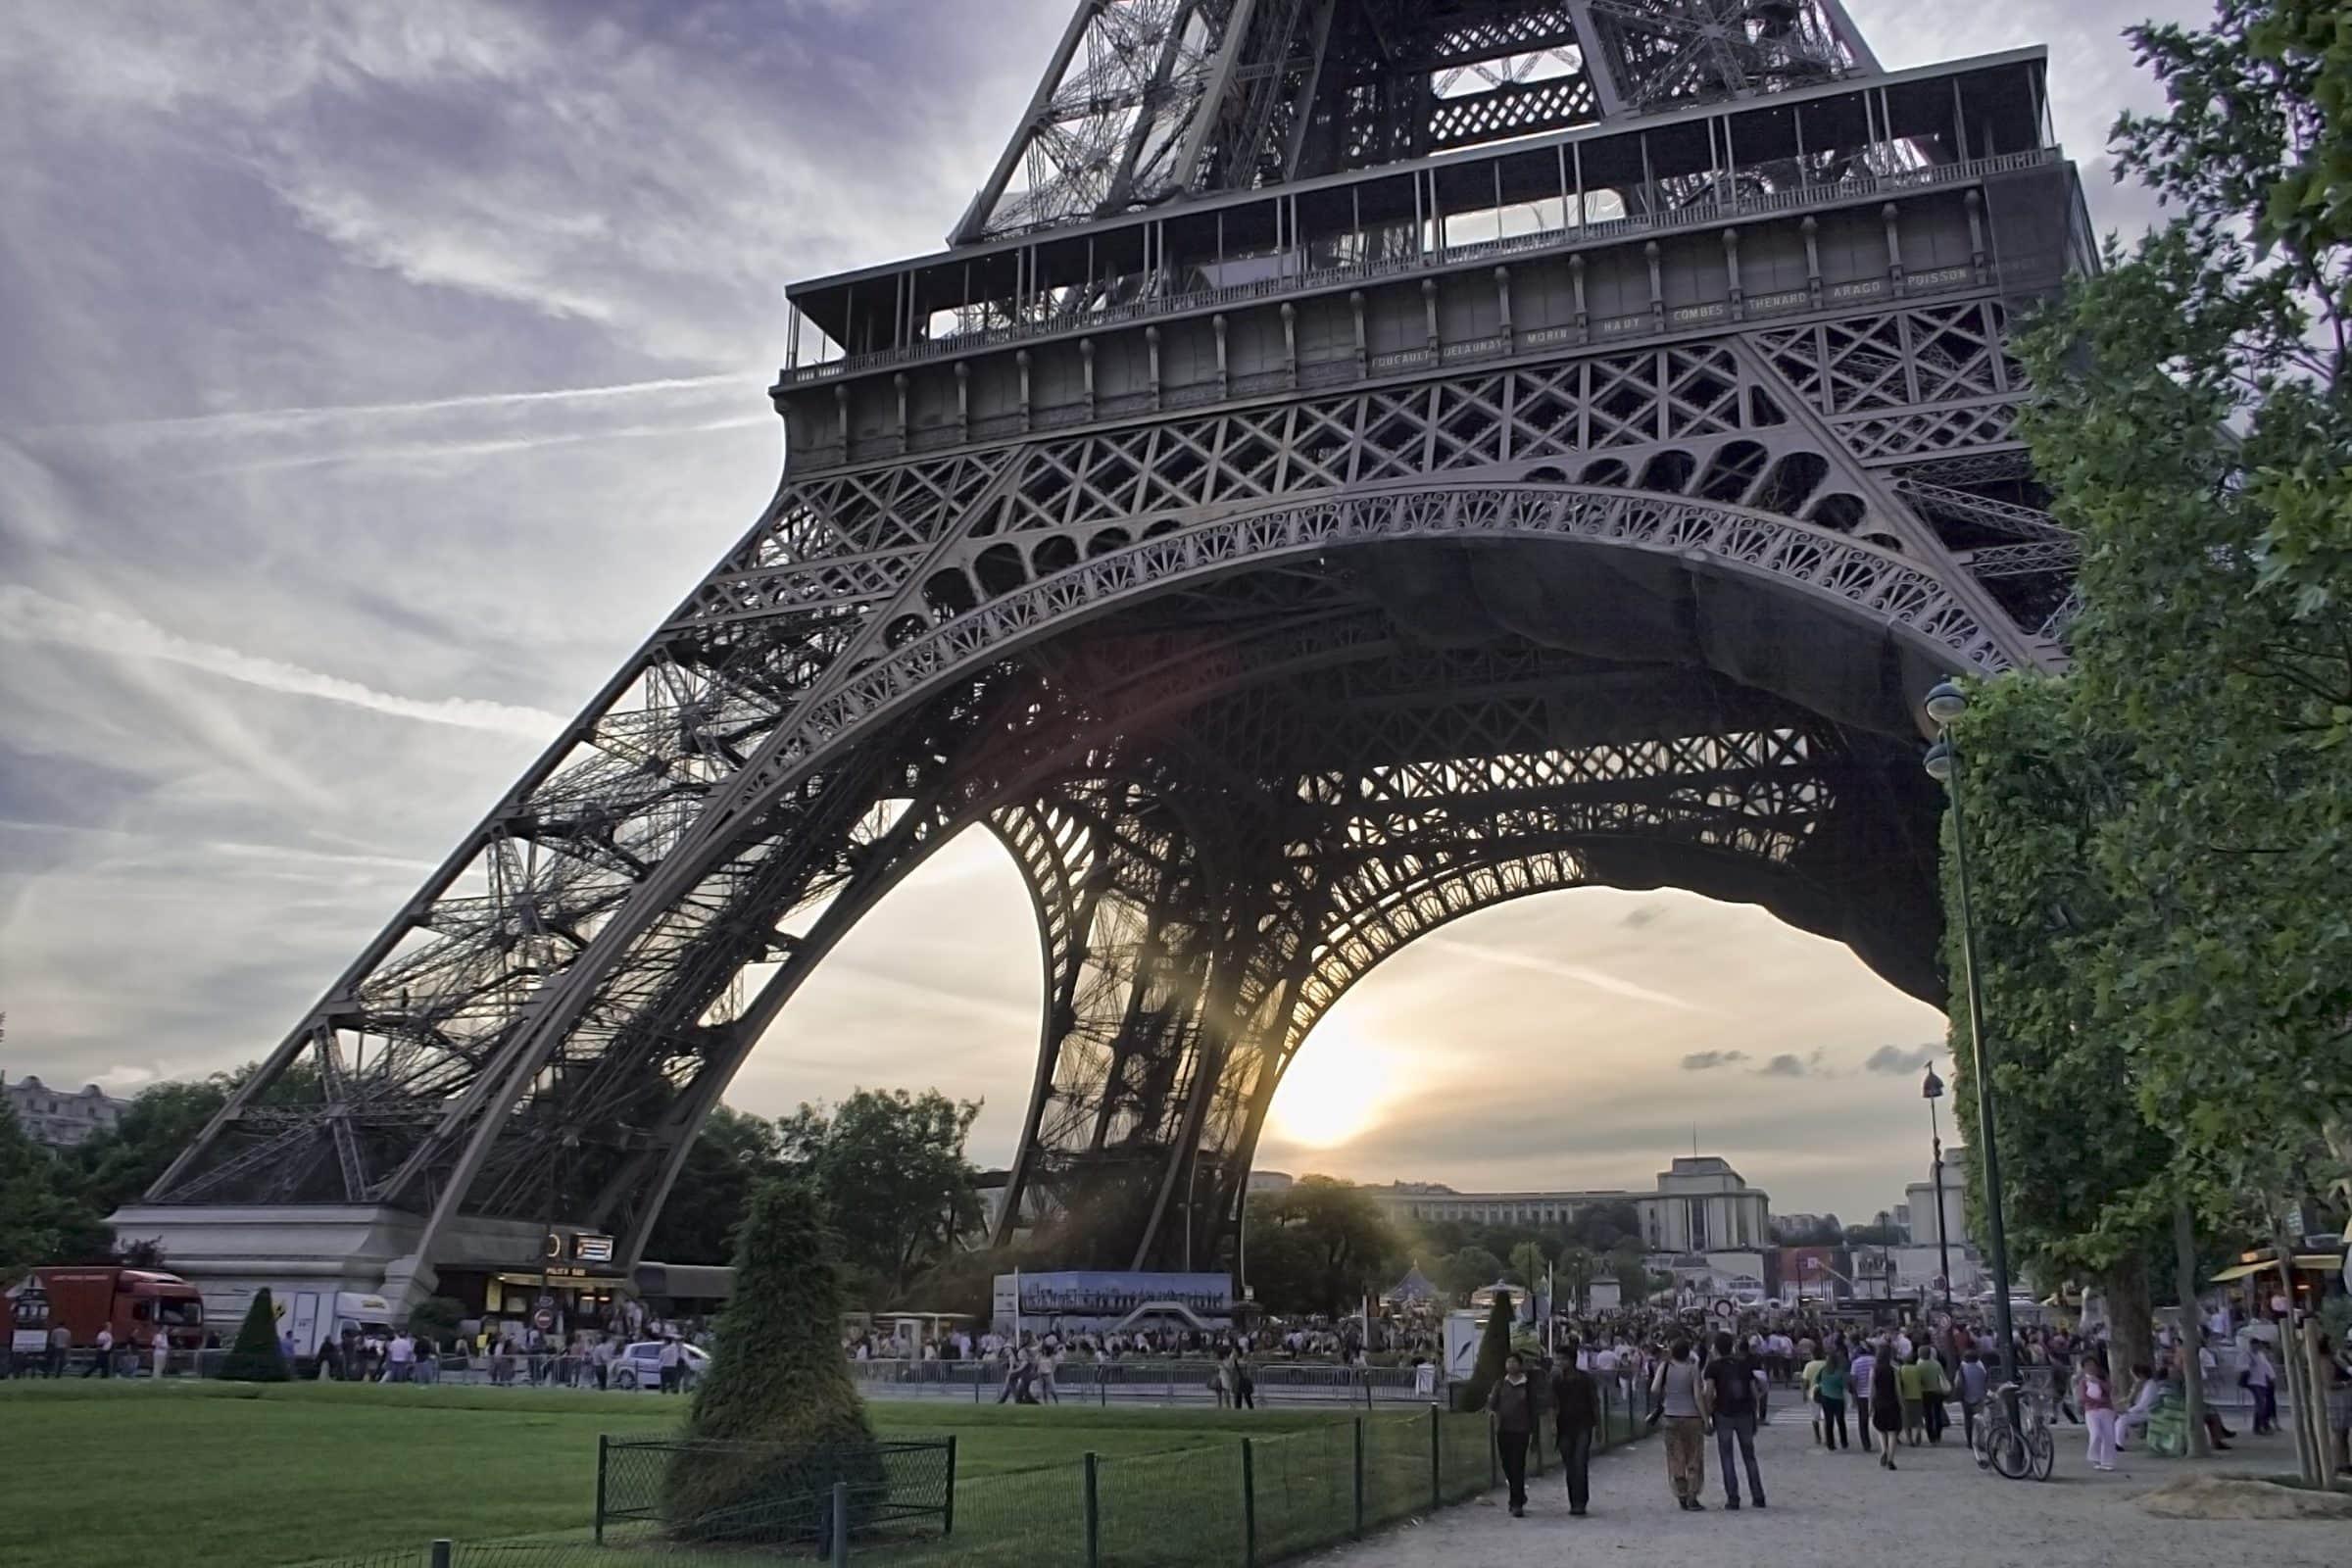 002 Tour Eiffel 4757461057 scaled